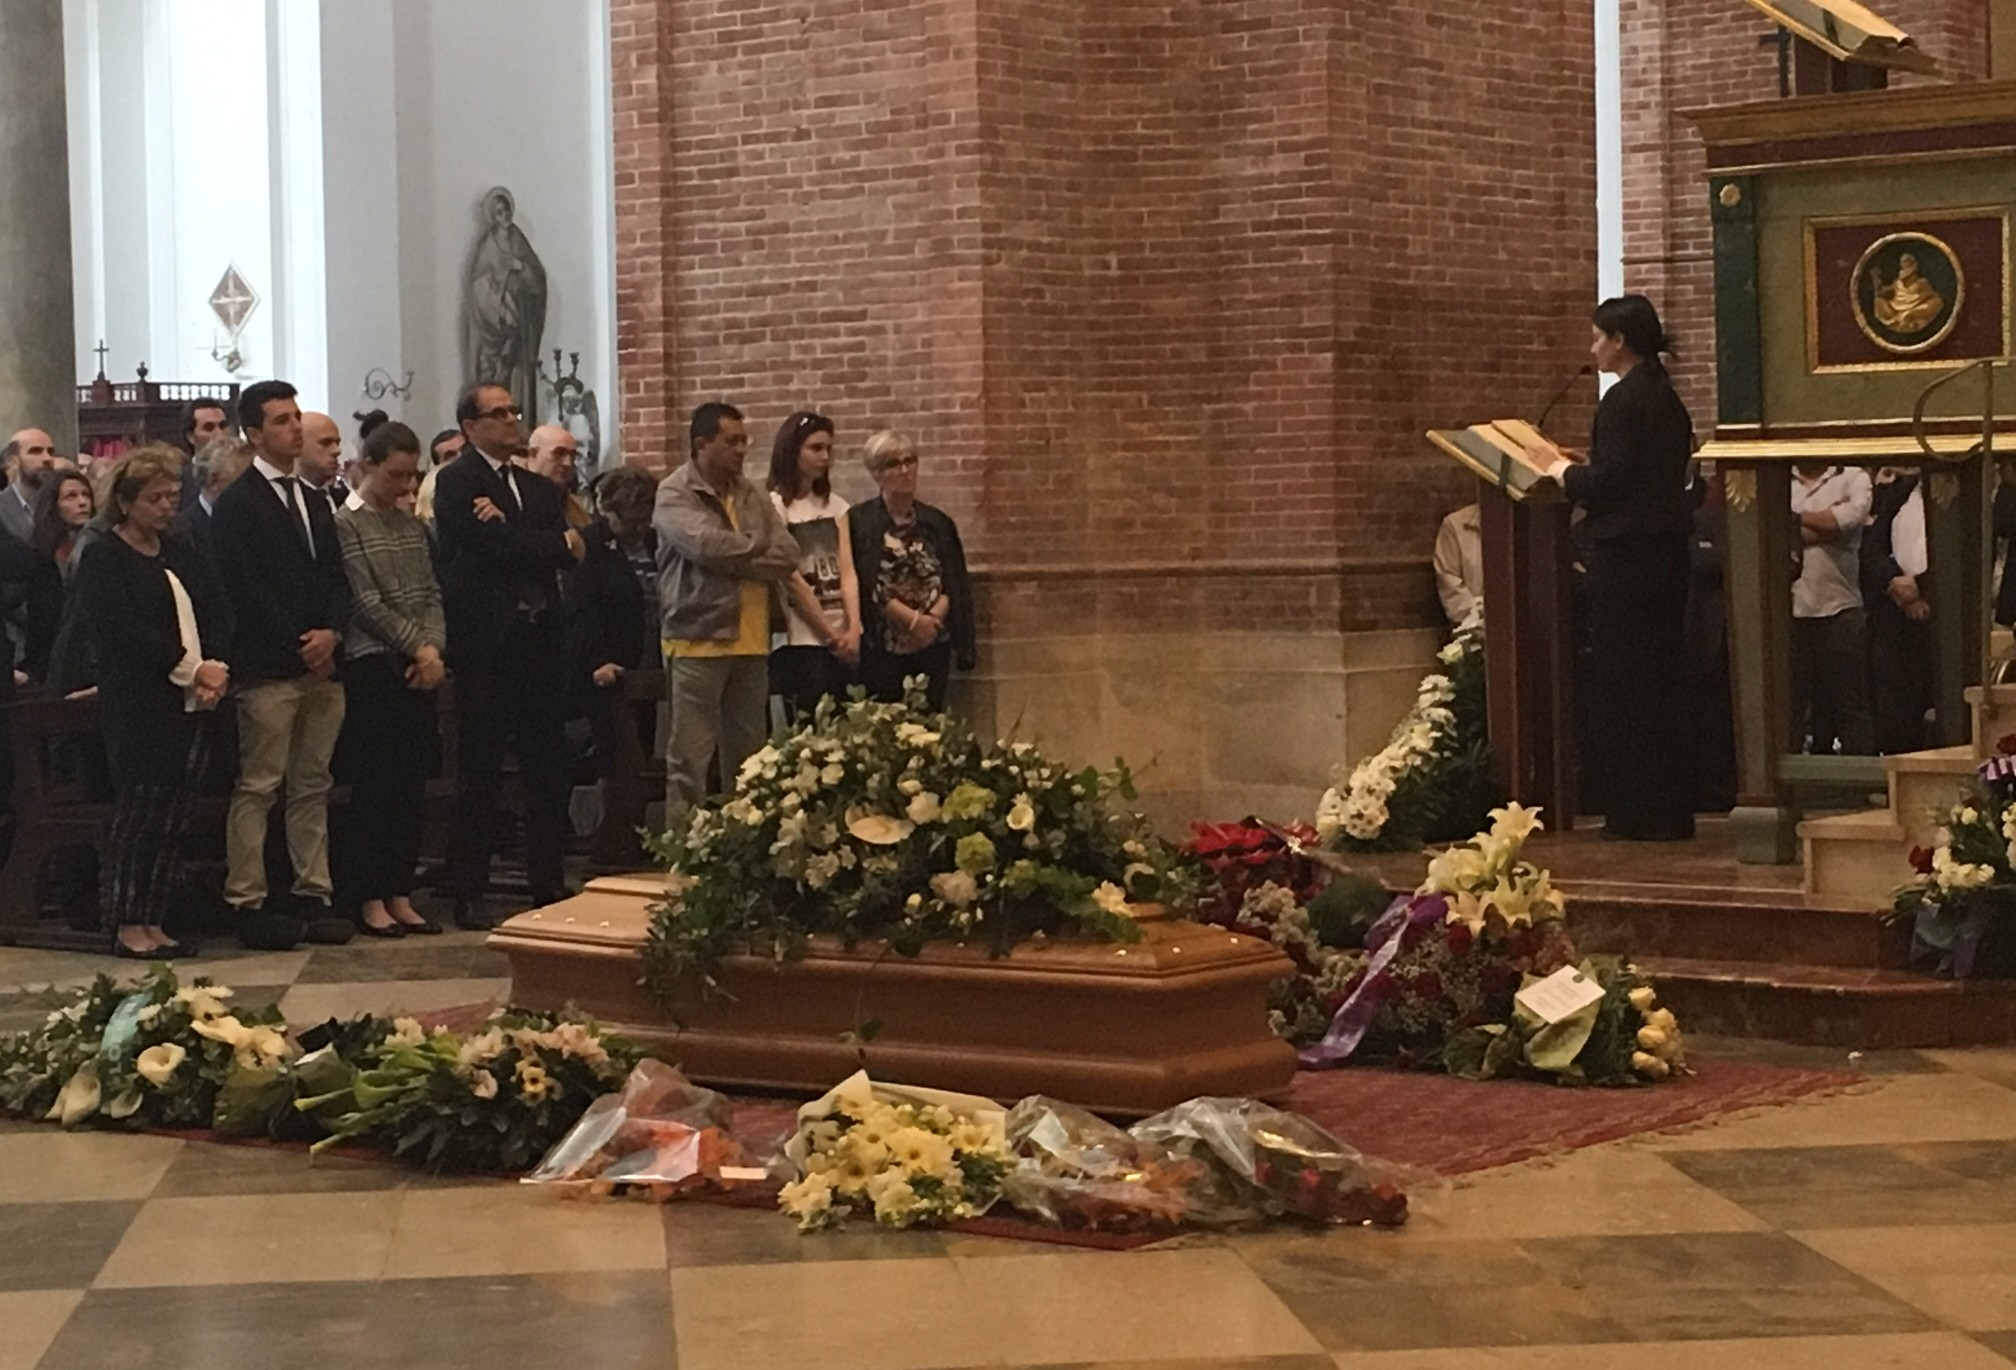 L'ultimo saluto a Giacomo Rallo. Chiesa Madre gremita per i funerali del fondatore di Donnafugata